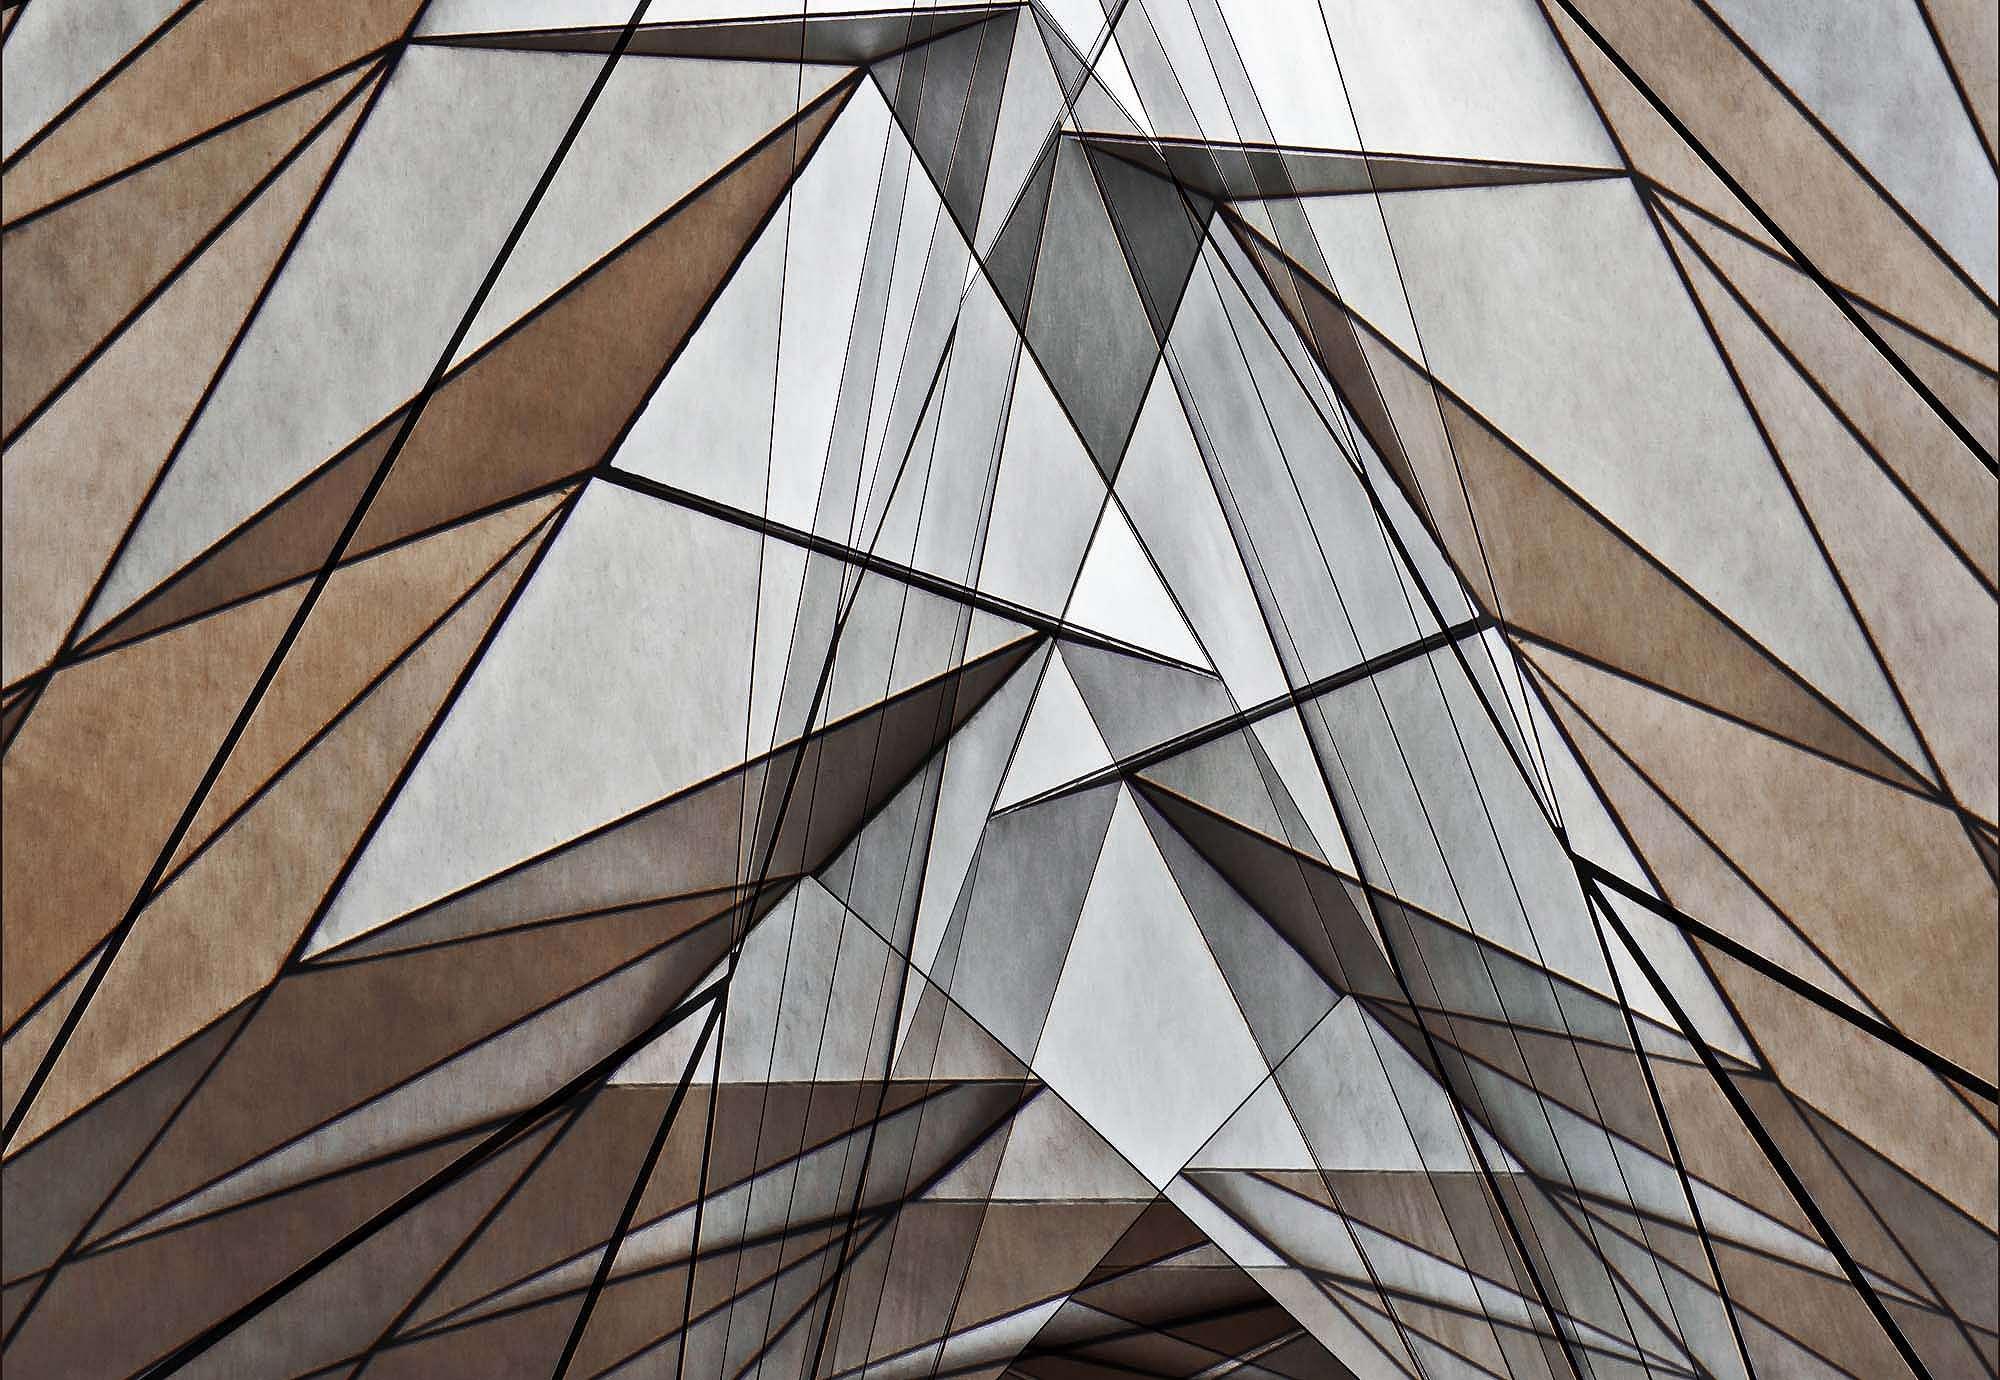 Fali poszter modern geometriai mintával